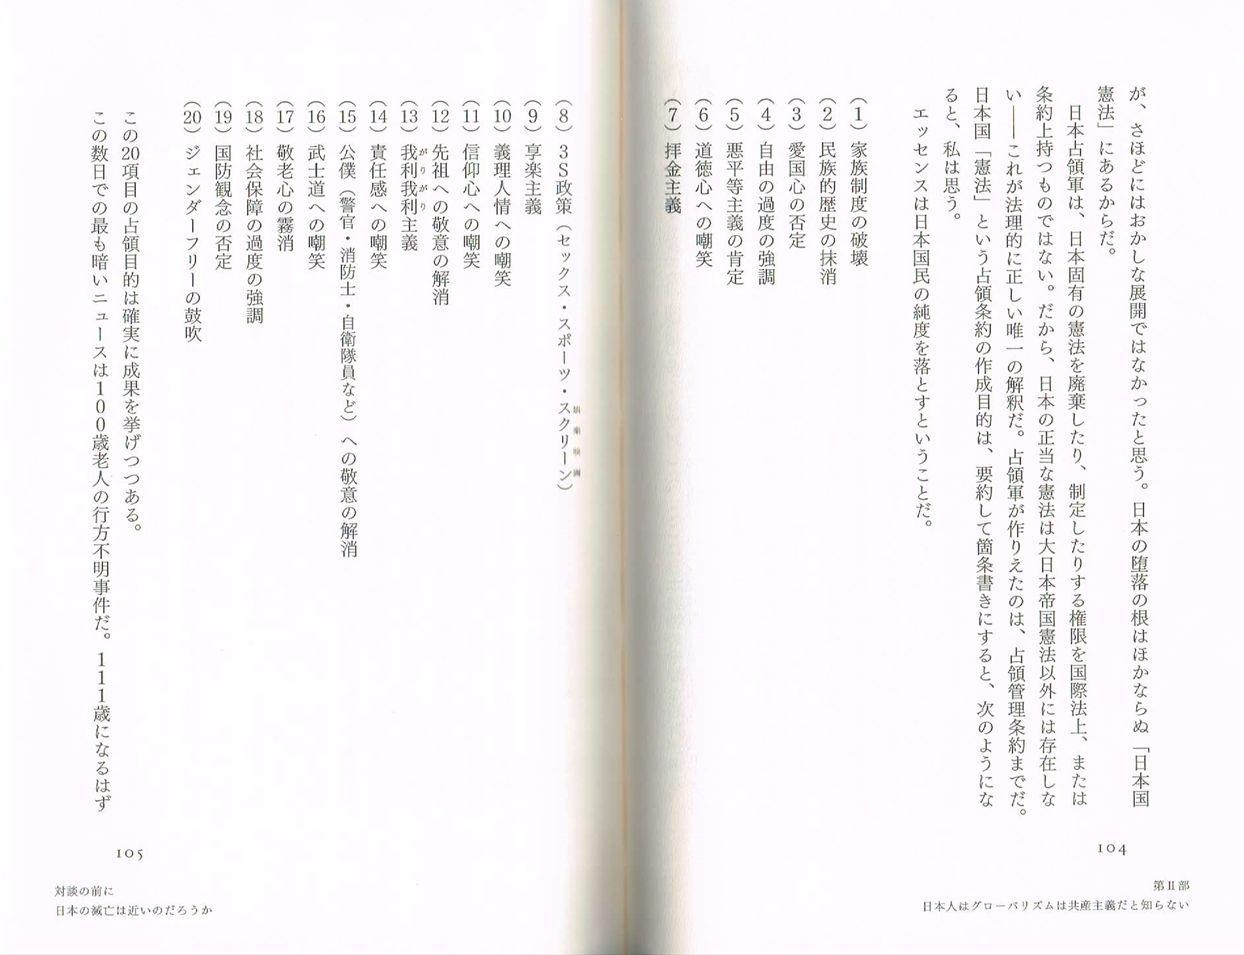 『日本人よ、歴史戦争に勝利せよ GHQ洗脳史観への決別宣言 若狭和朋』 日本国憲法、エッセンスは日本国民の純度を落とすということ